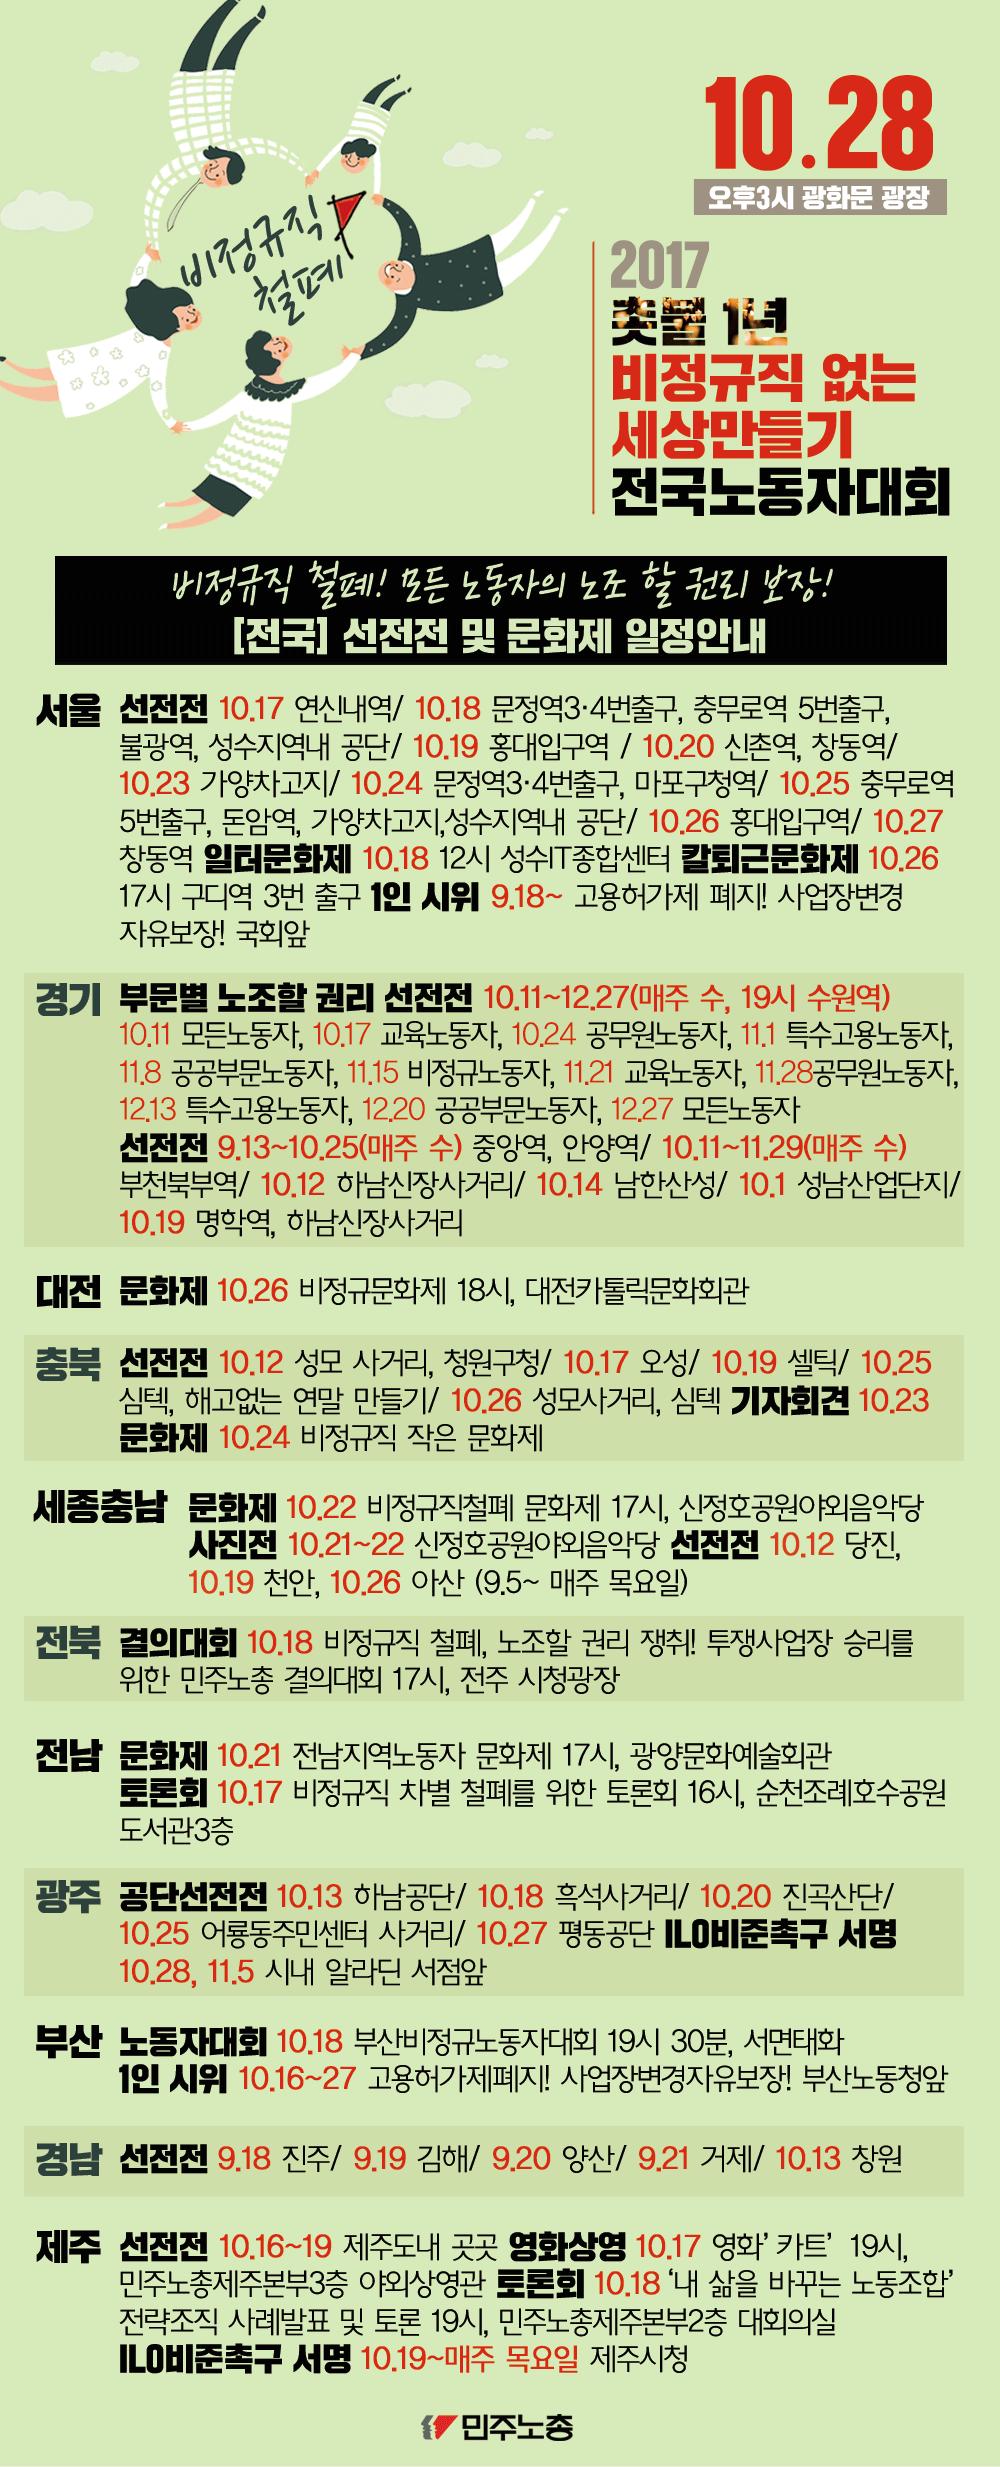 [웹자보]-지역집중주간.png